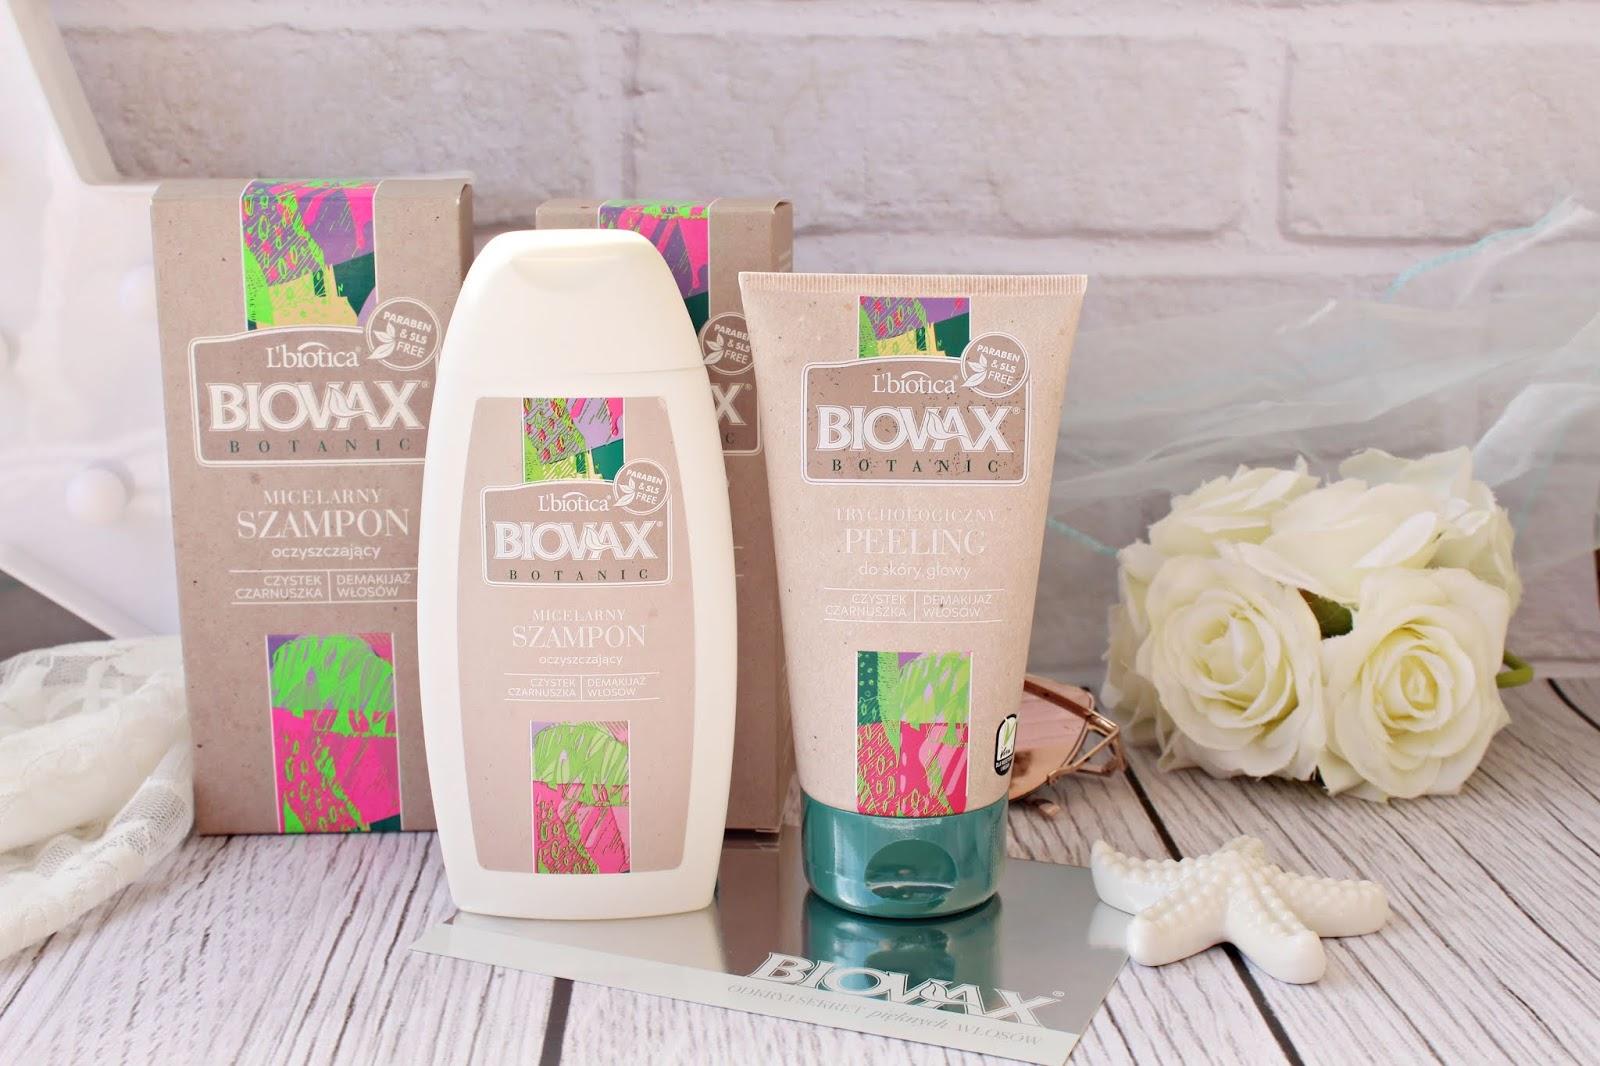 L'biotica BIOVAX Botanic Trychologiczny peeling do skóry głowy & Micelarny szampon oczyszczający